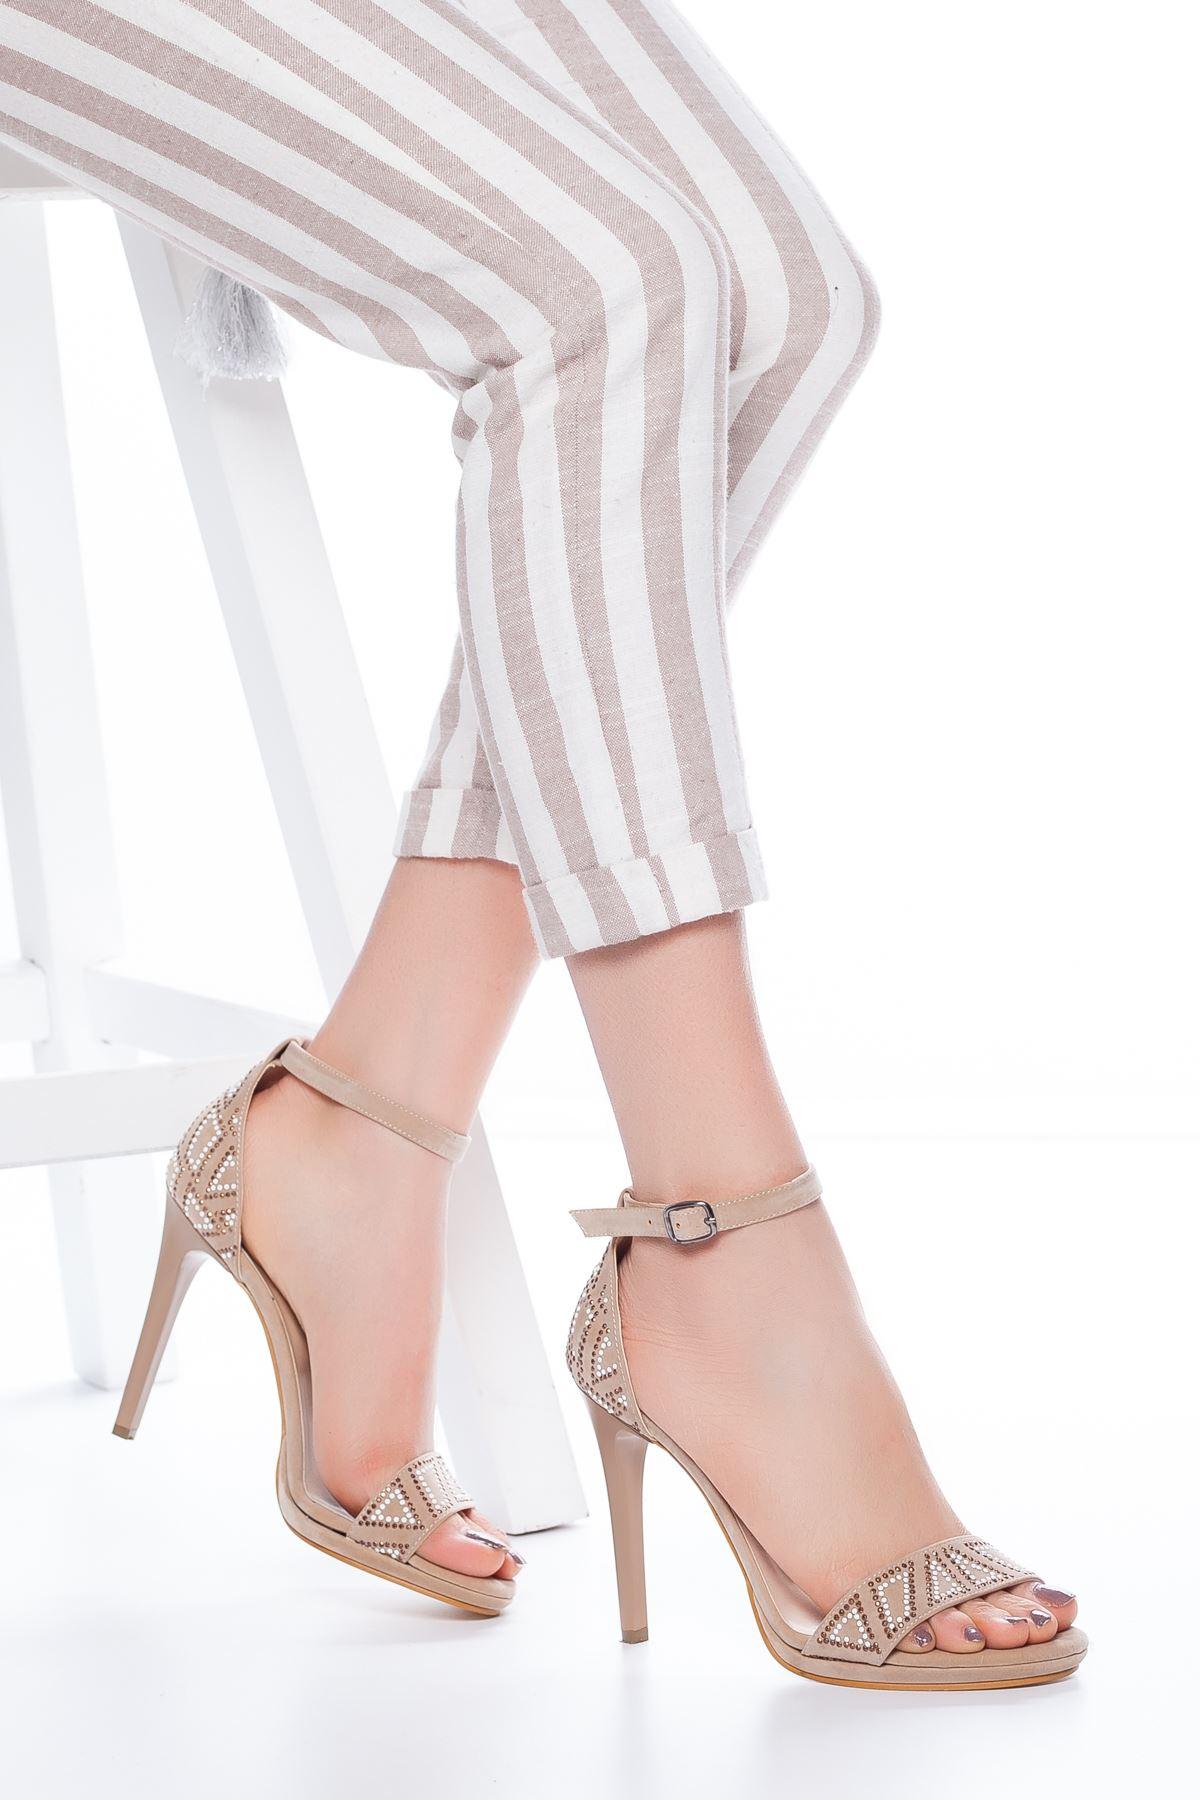 Fancy Taş İşlemeli Süet Topuklu Ayakkabı Ten